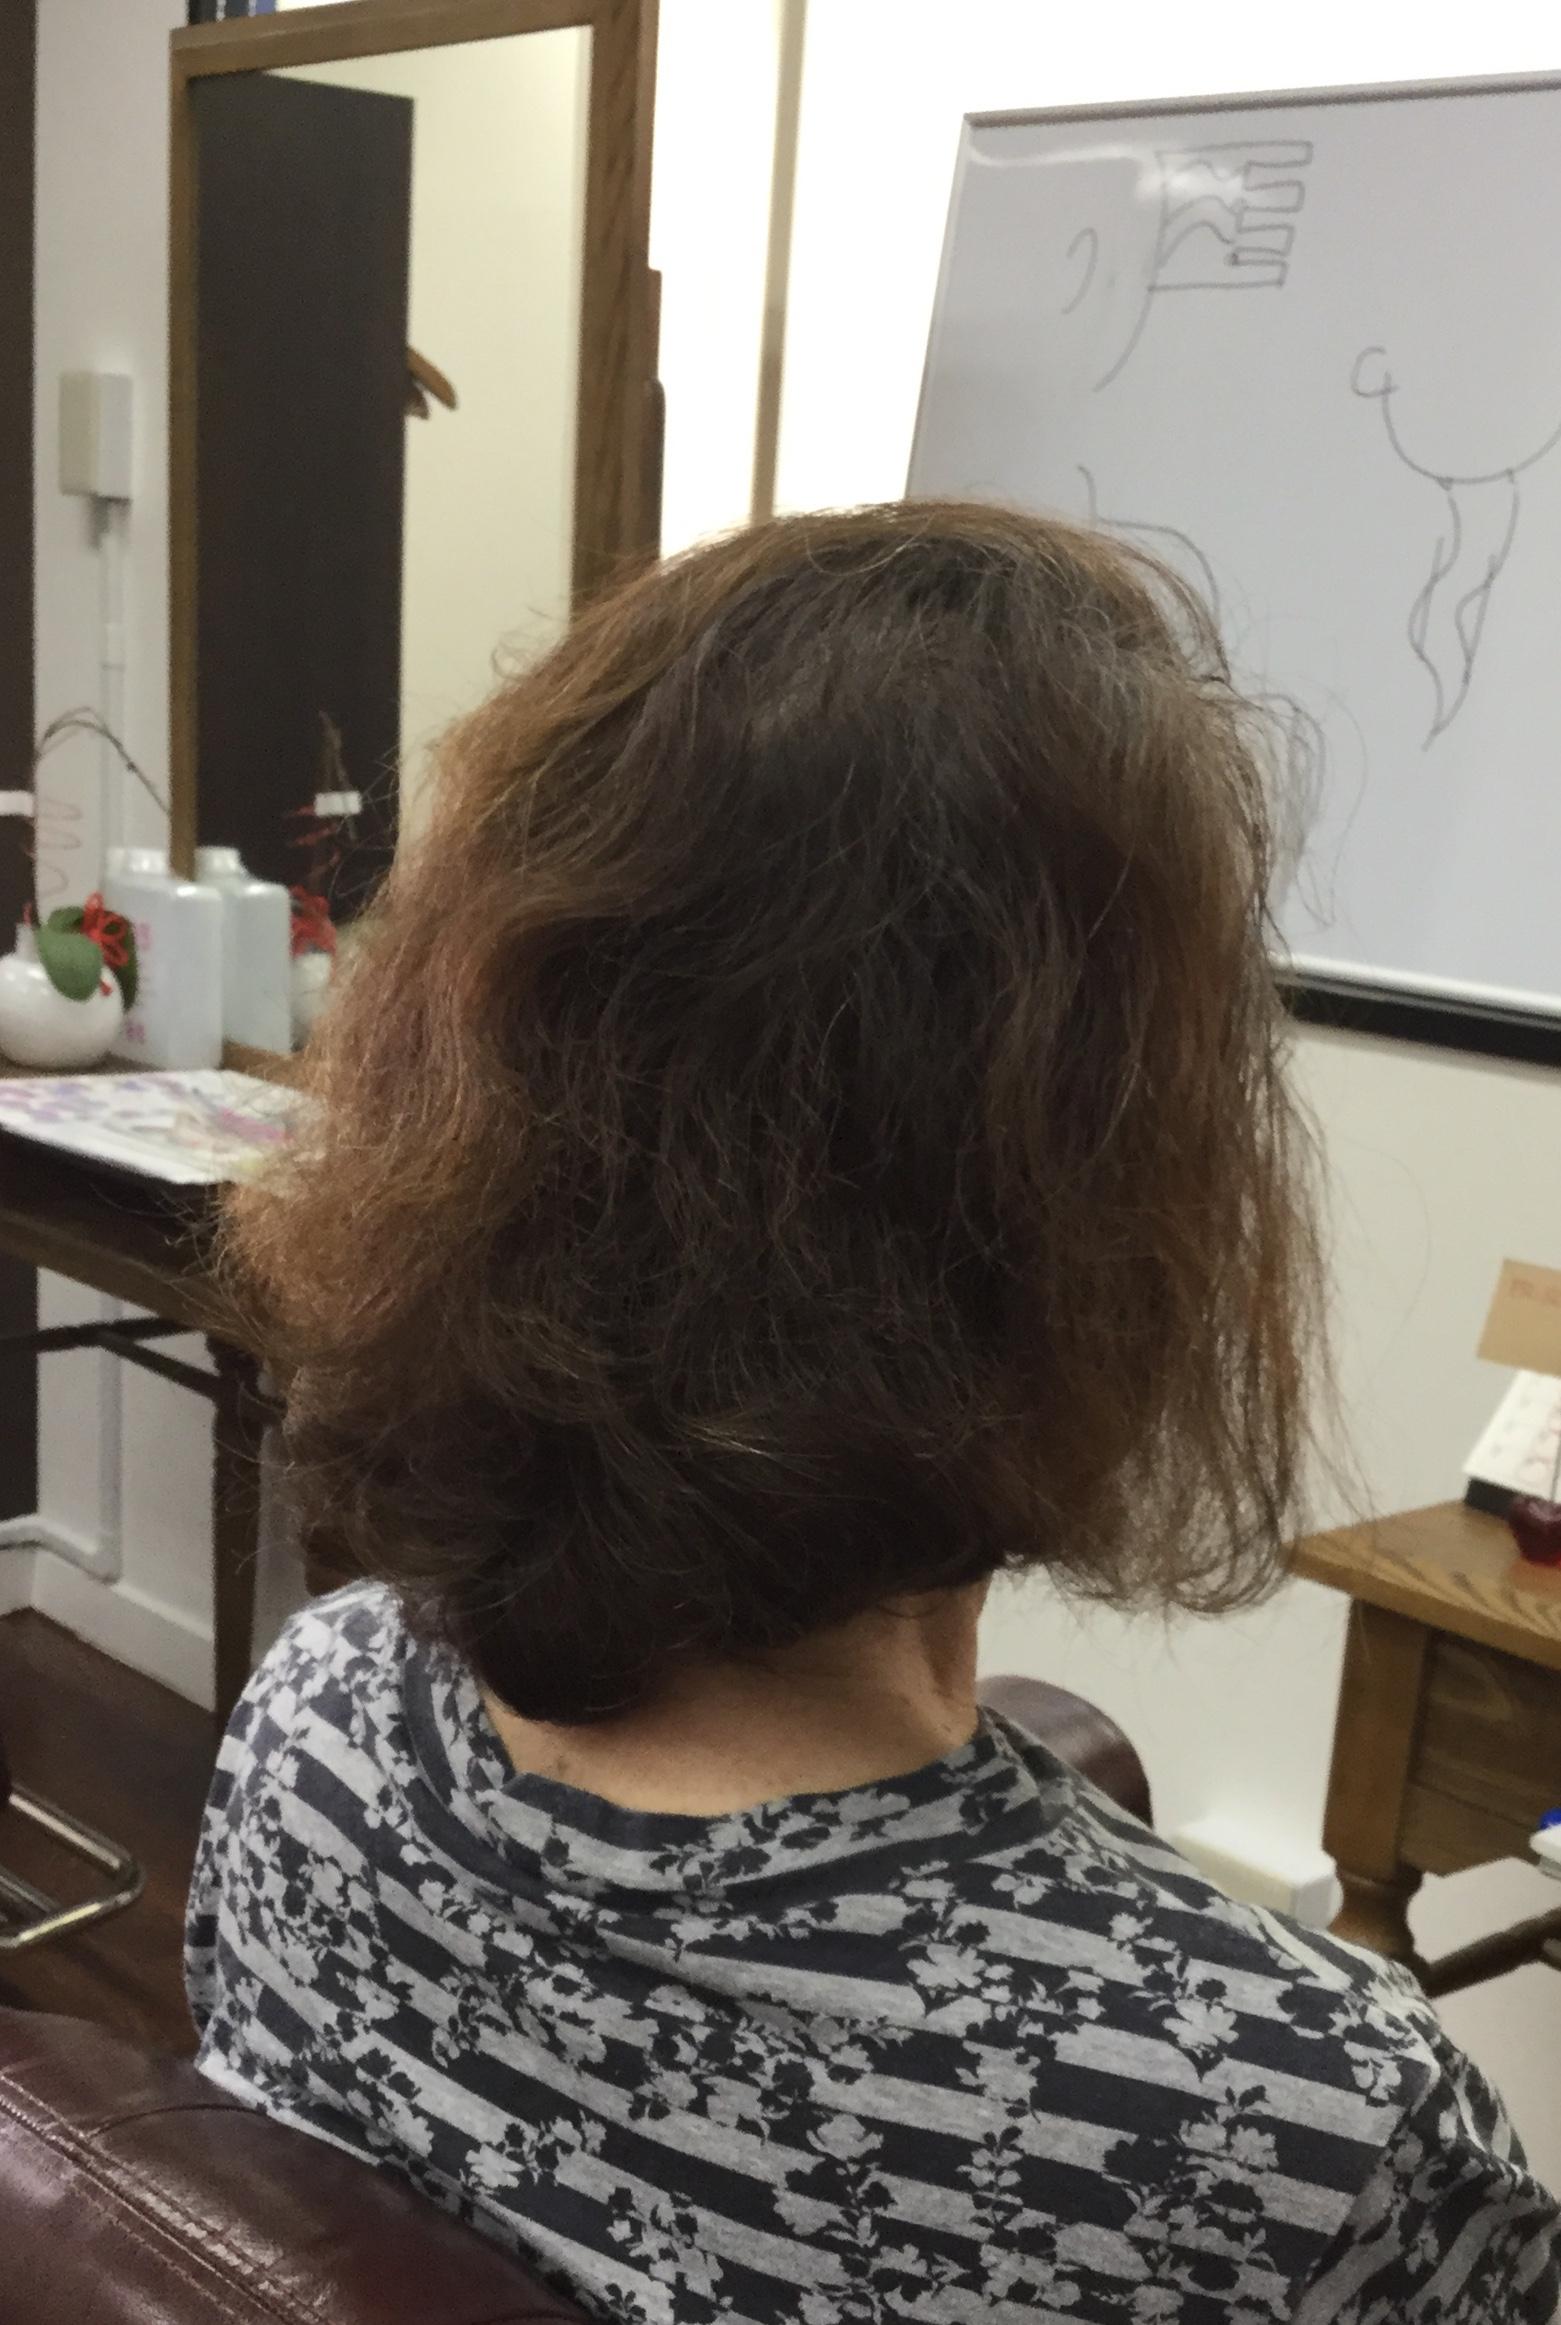 くせ毛薄毛ボリュームの悩みに化学物質を使わない神戸くせ毛専門美容室